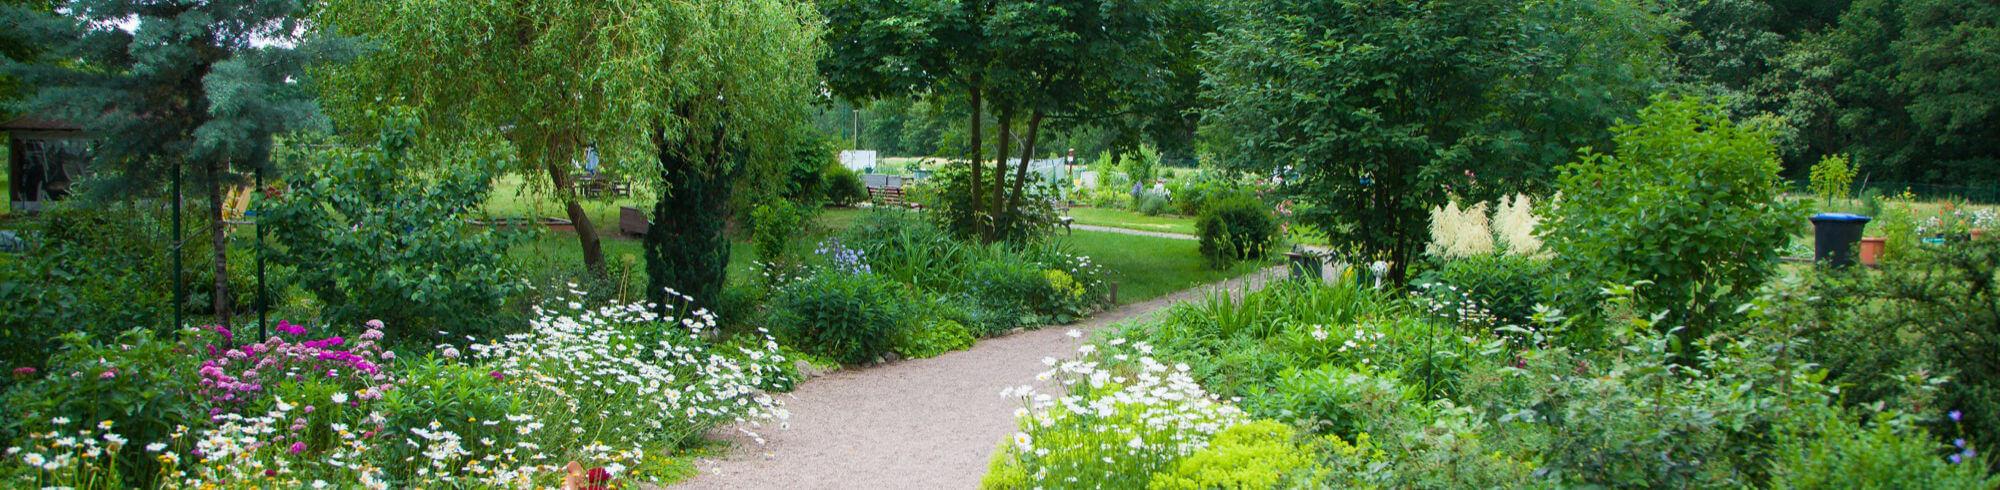 der blohmgarten im breitformat. ein klener Weg schlängelt sich von buntem Grün gesäumt.